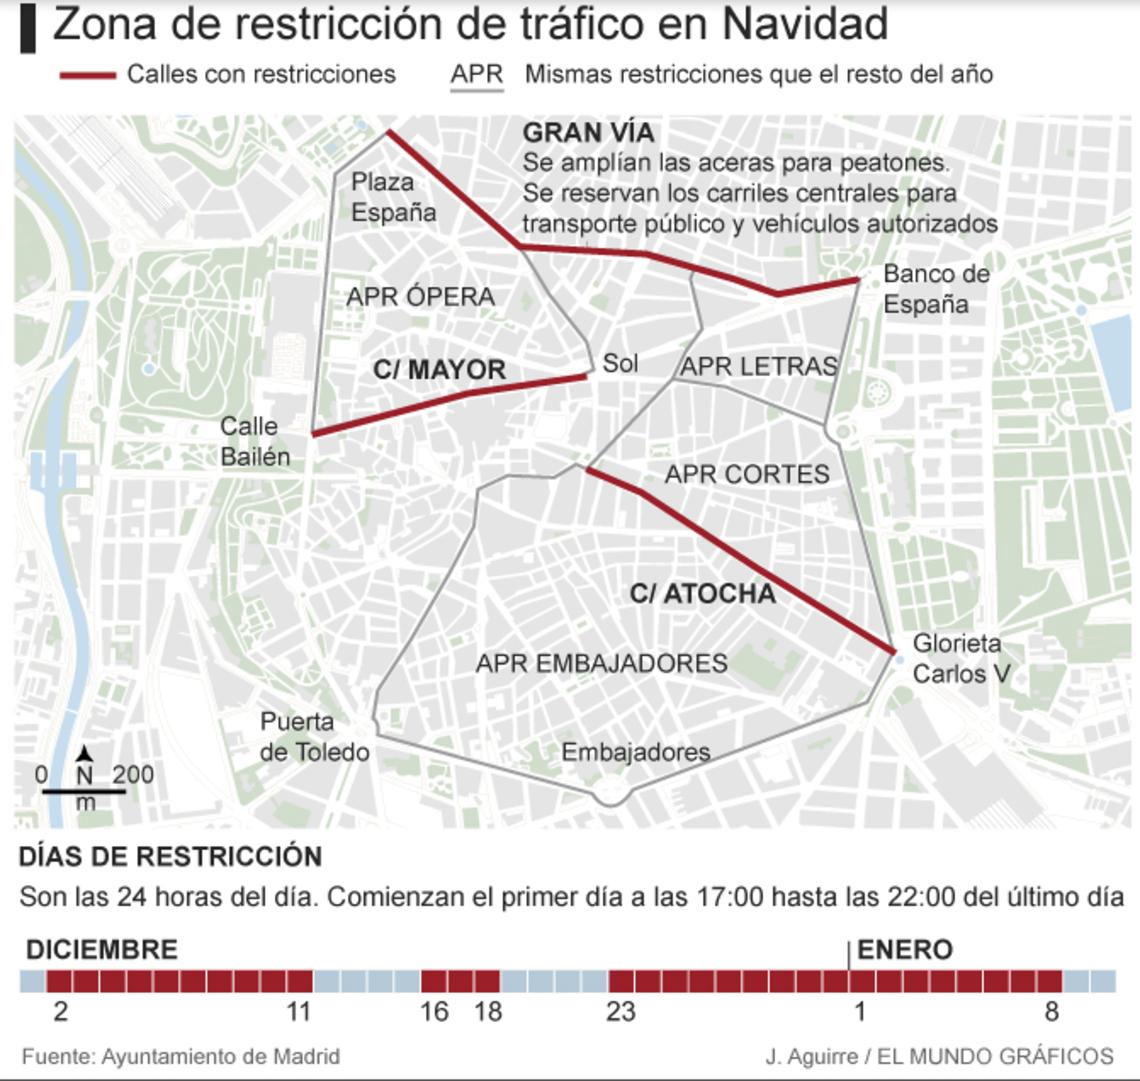 Plano calles acceso restringido Navidad 2016